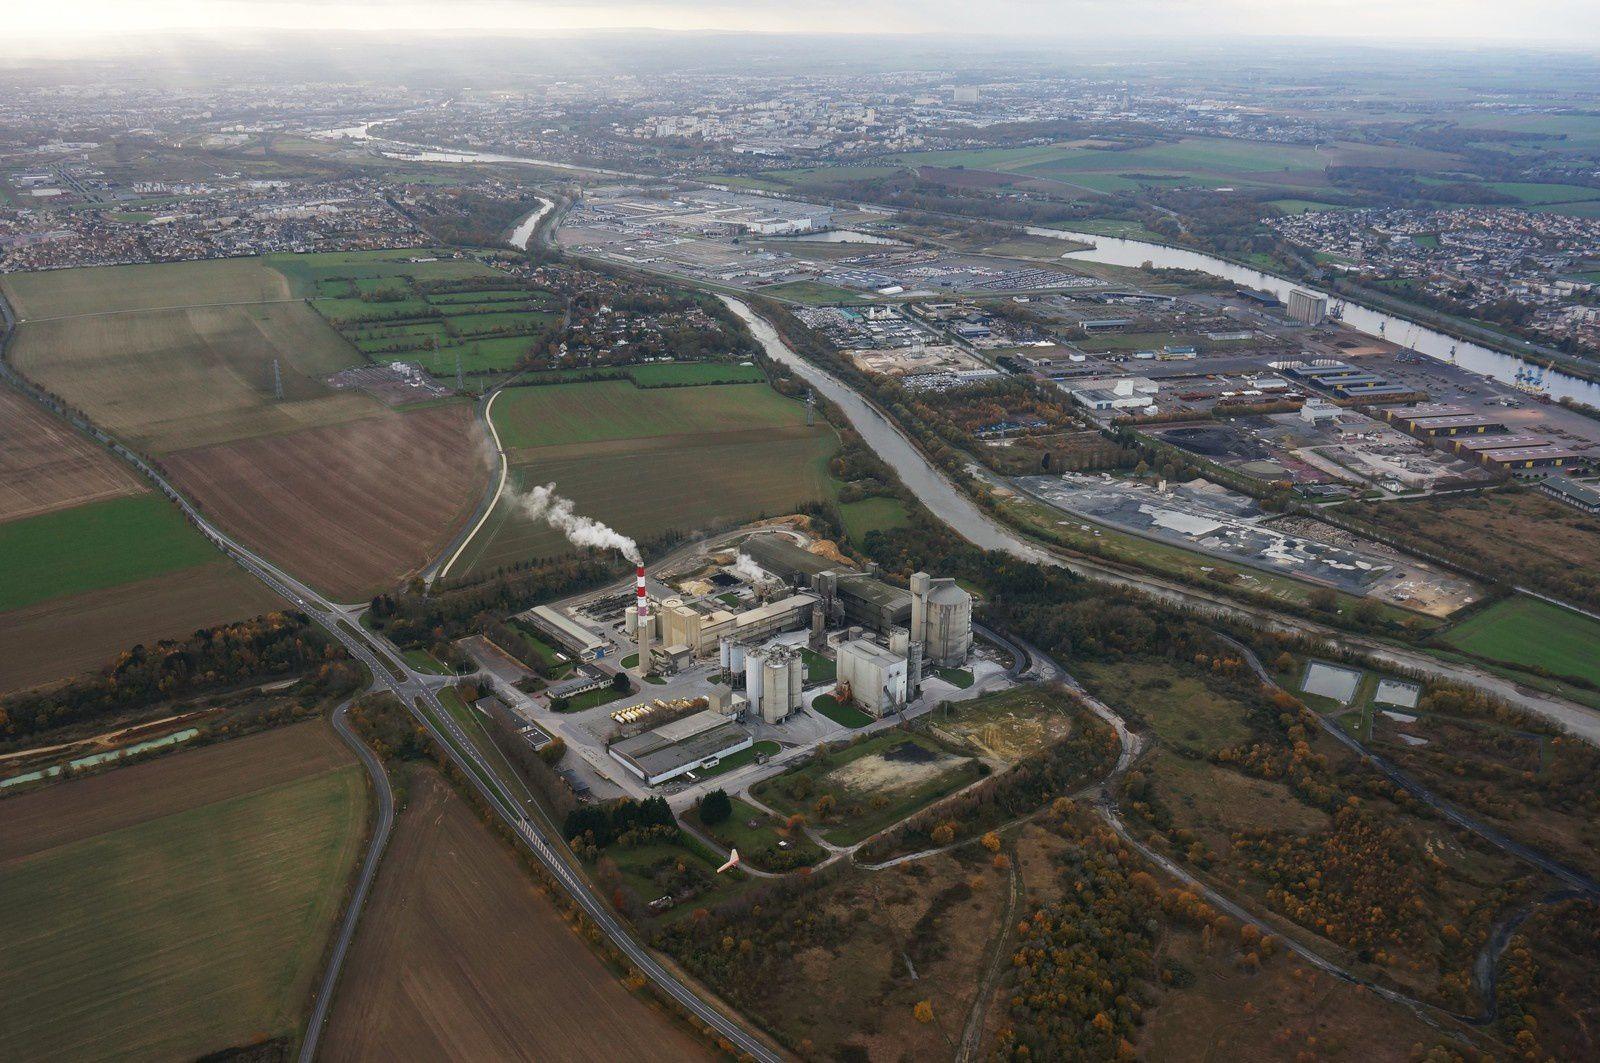 La cimenterie de Ranville vue d'ULM, altitude 600m. Photo aérienne François Monier 1er décembre 2013